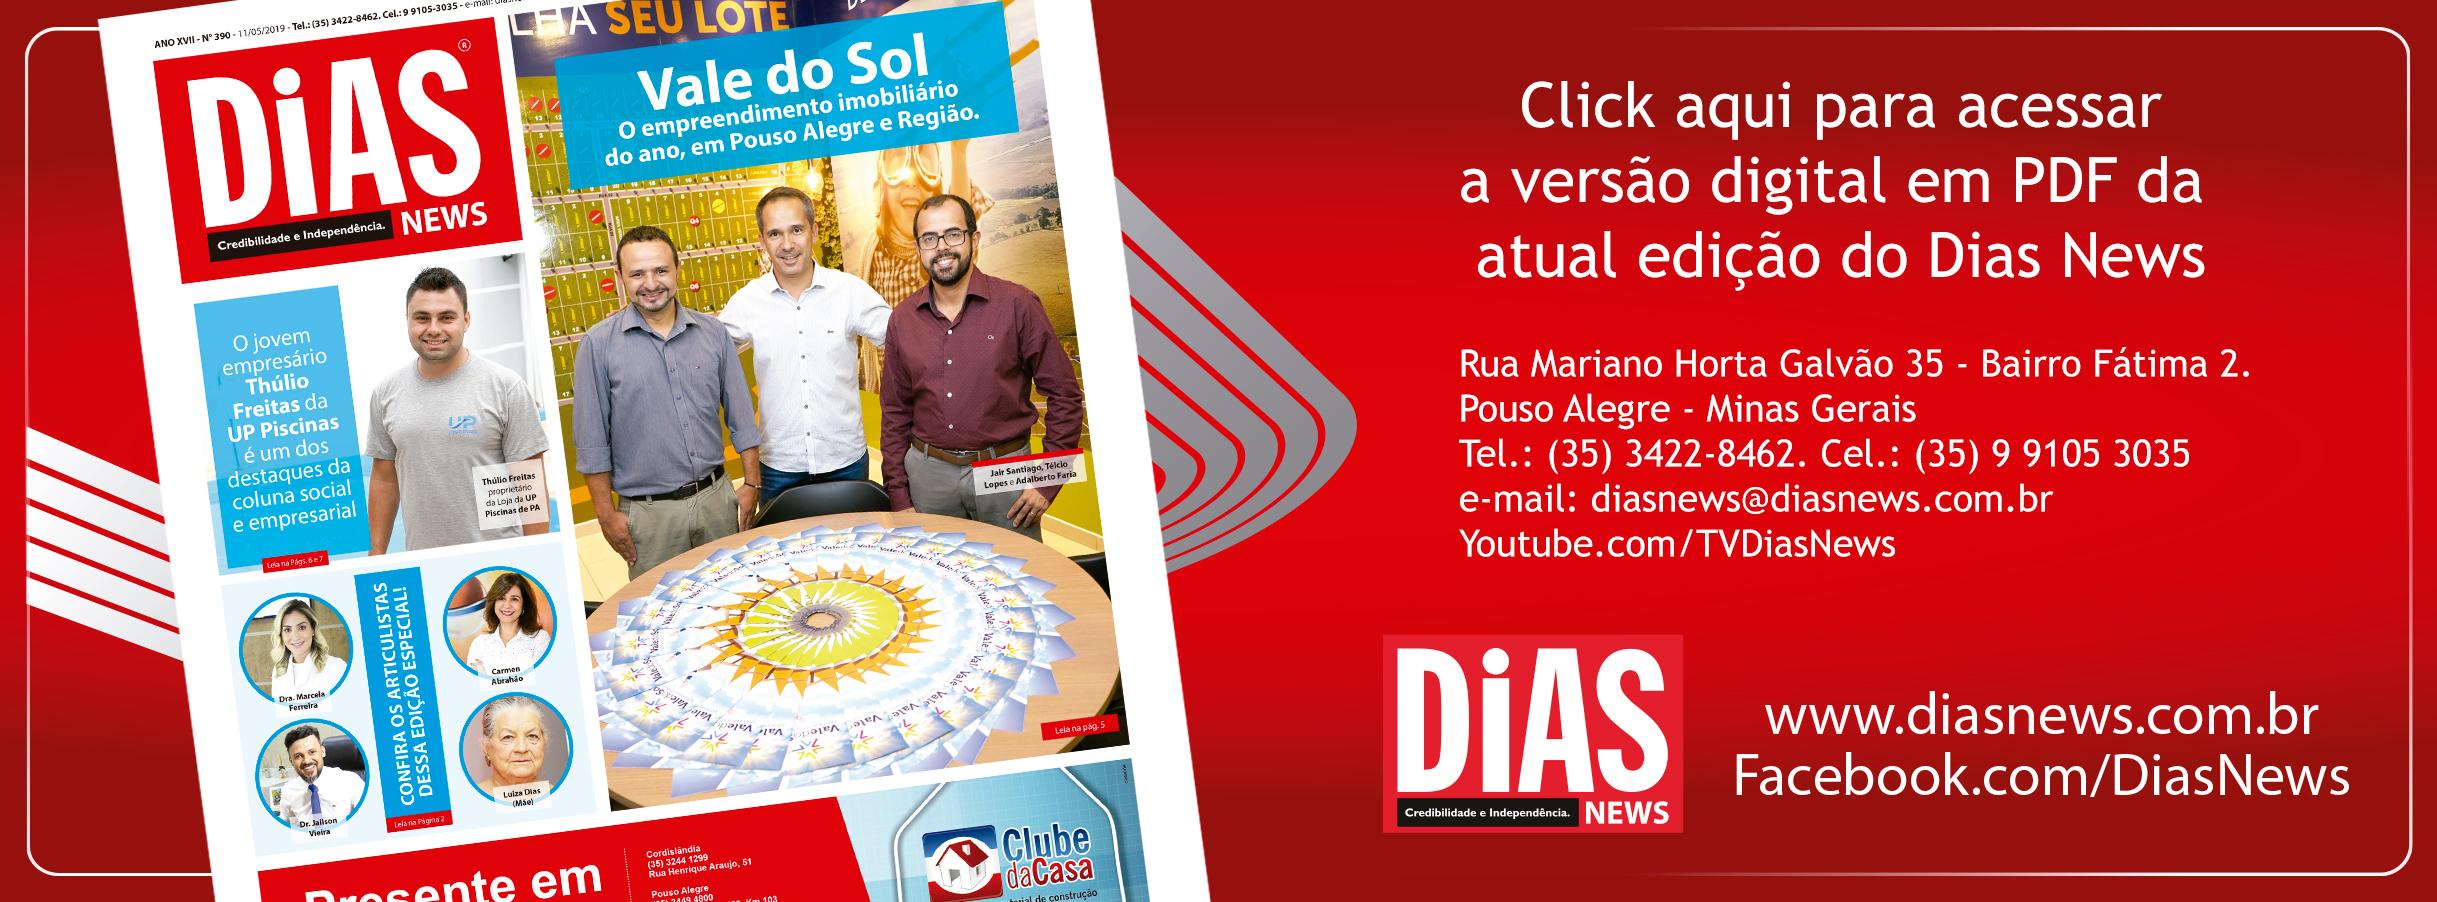 CLICK AQUI e acesse a edição 390 do Dias News